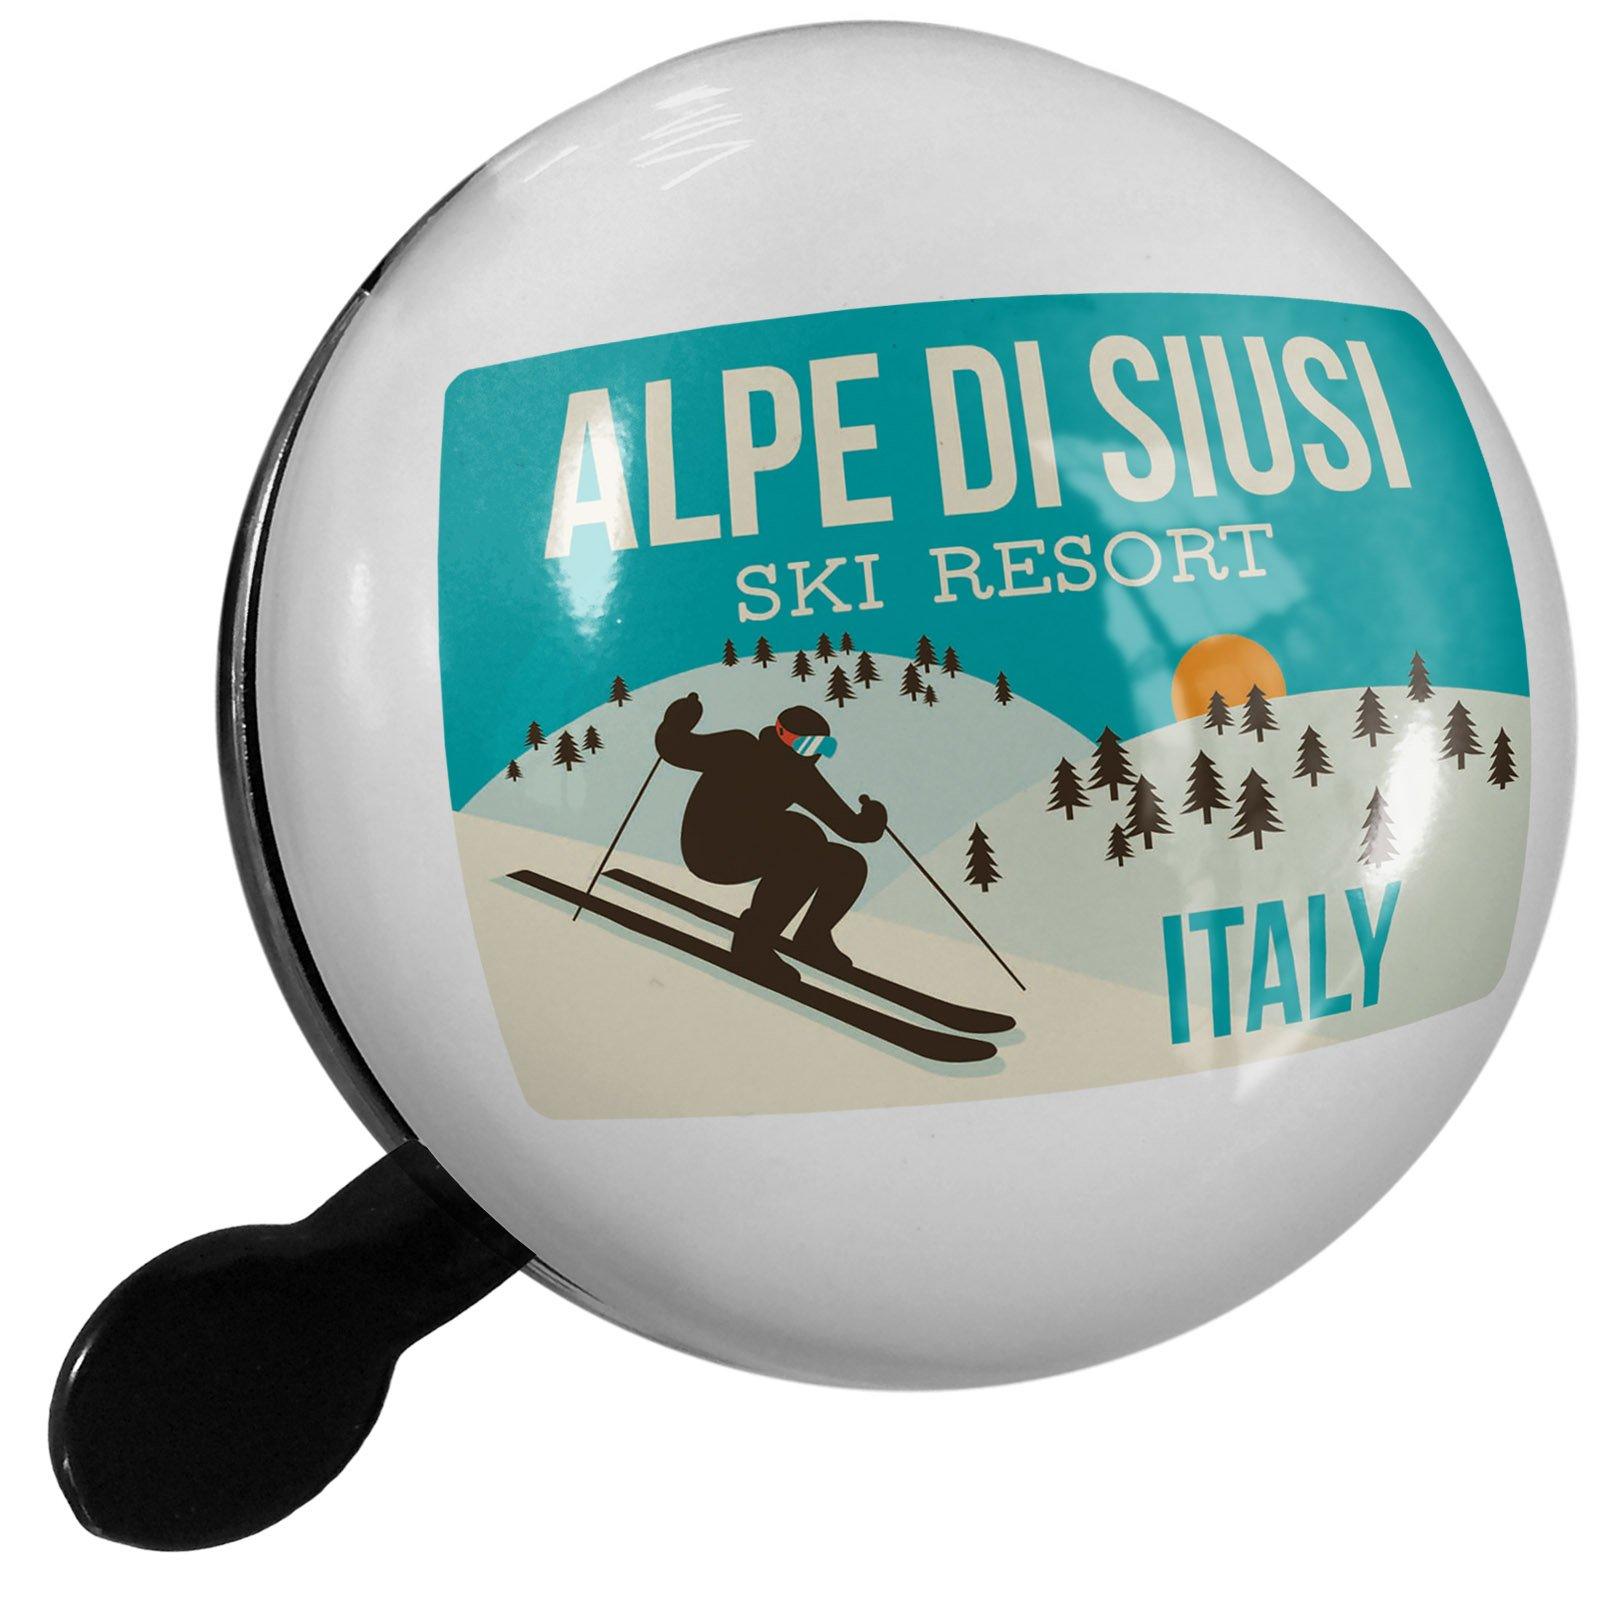 Small Bike Bell Alpe di Siusi Ski Resort - Italy Ski Resort - NEONBLOND